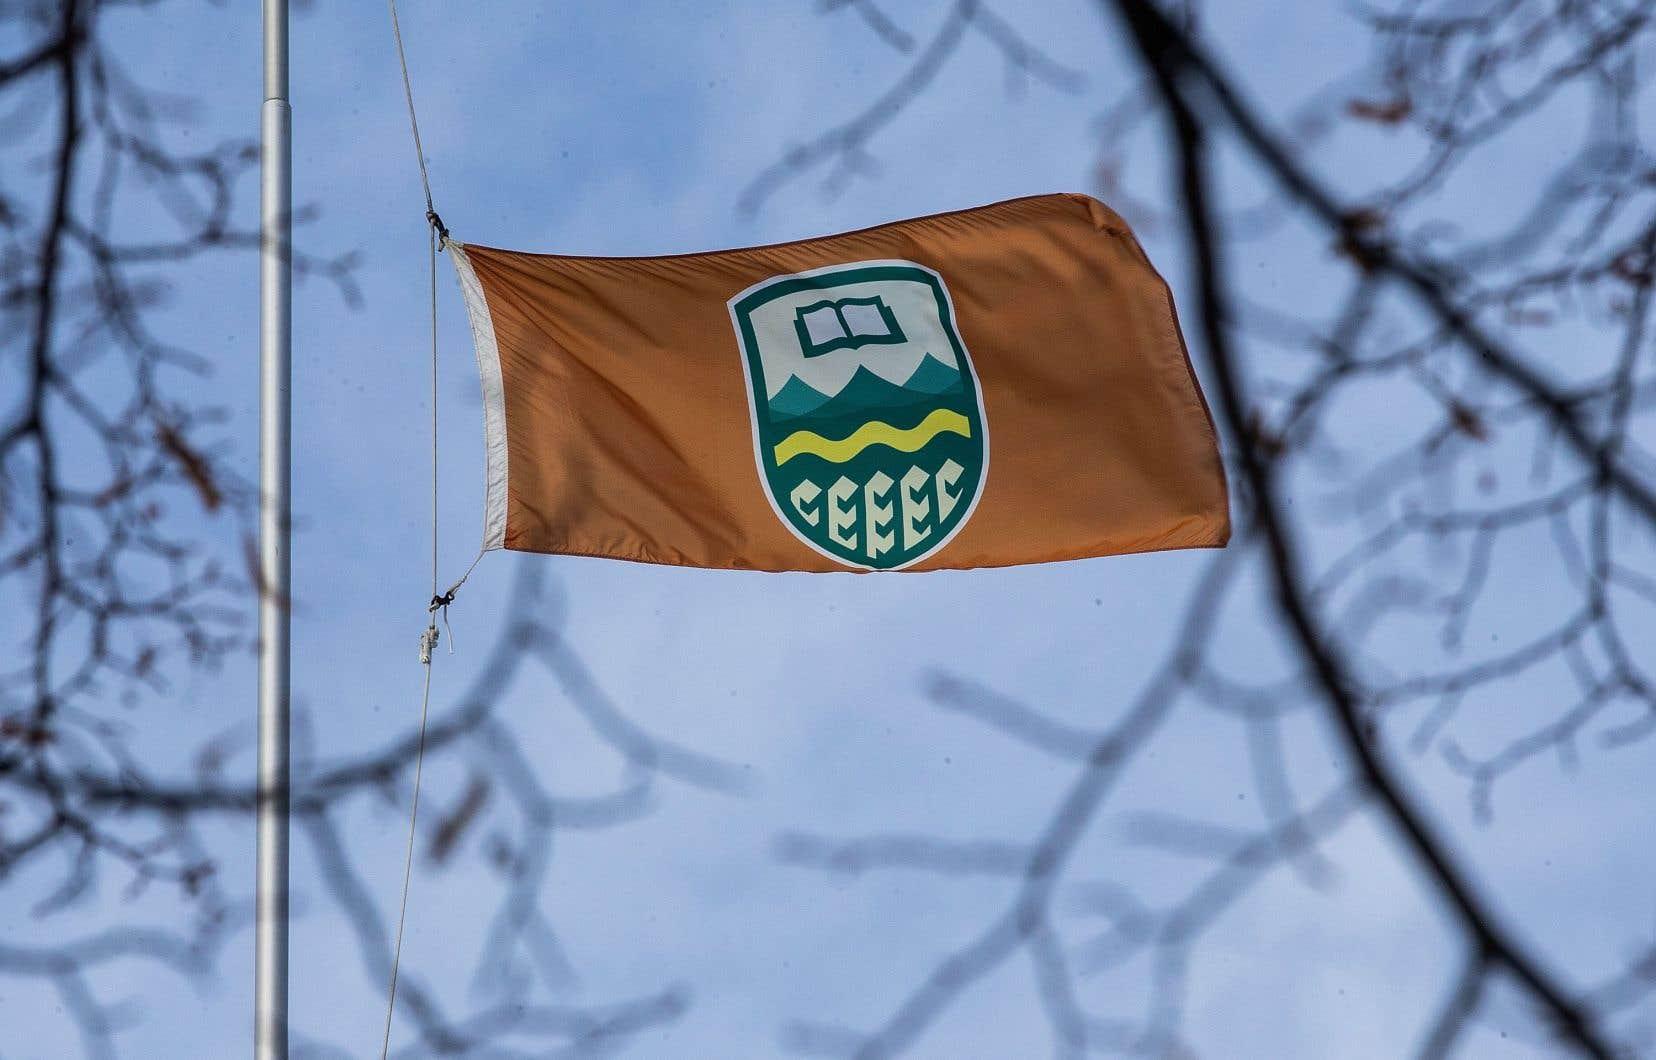 Les cours en français à l'Université de l'Alberta et la faculté qui les prodigue, la Faculté Saint-Jean, ont été décapités par souci d'économie.